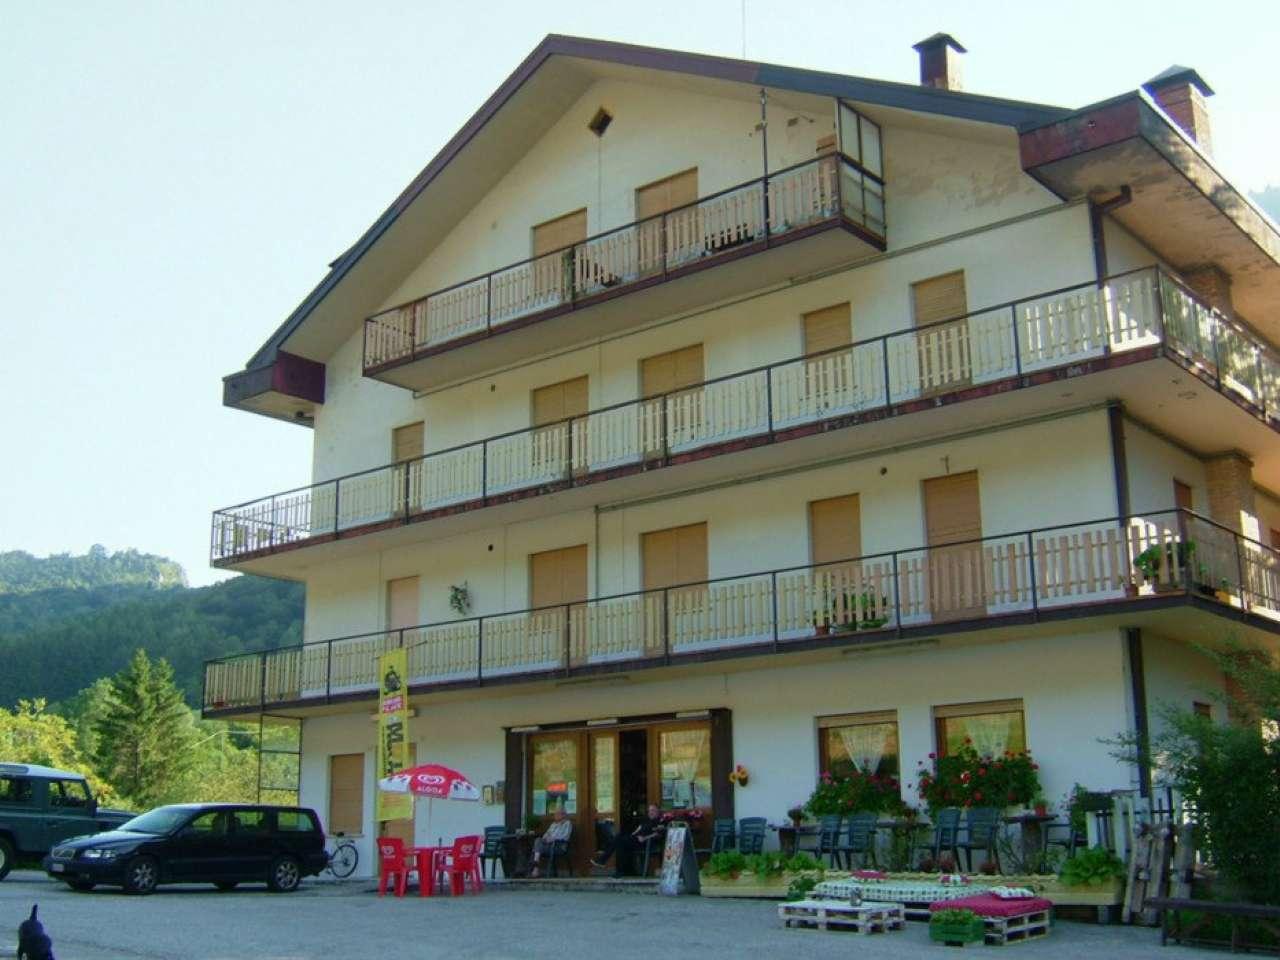 Appartamento in vendita a Cison di Valmarino, 4 locali, prezzo € 32.000 | CambioCasa.it